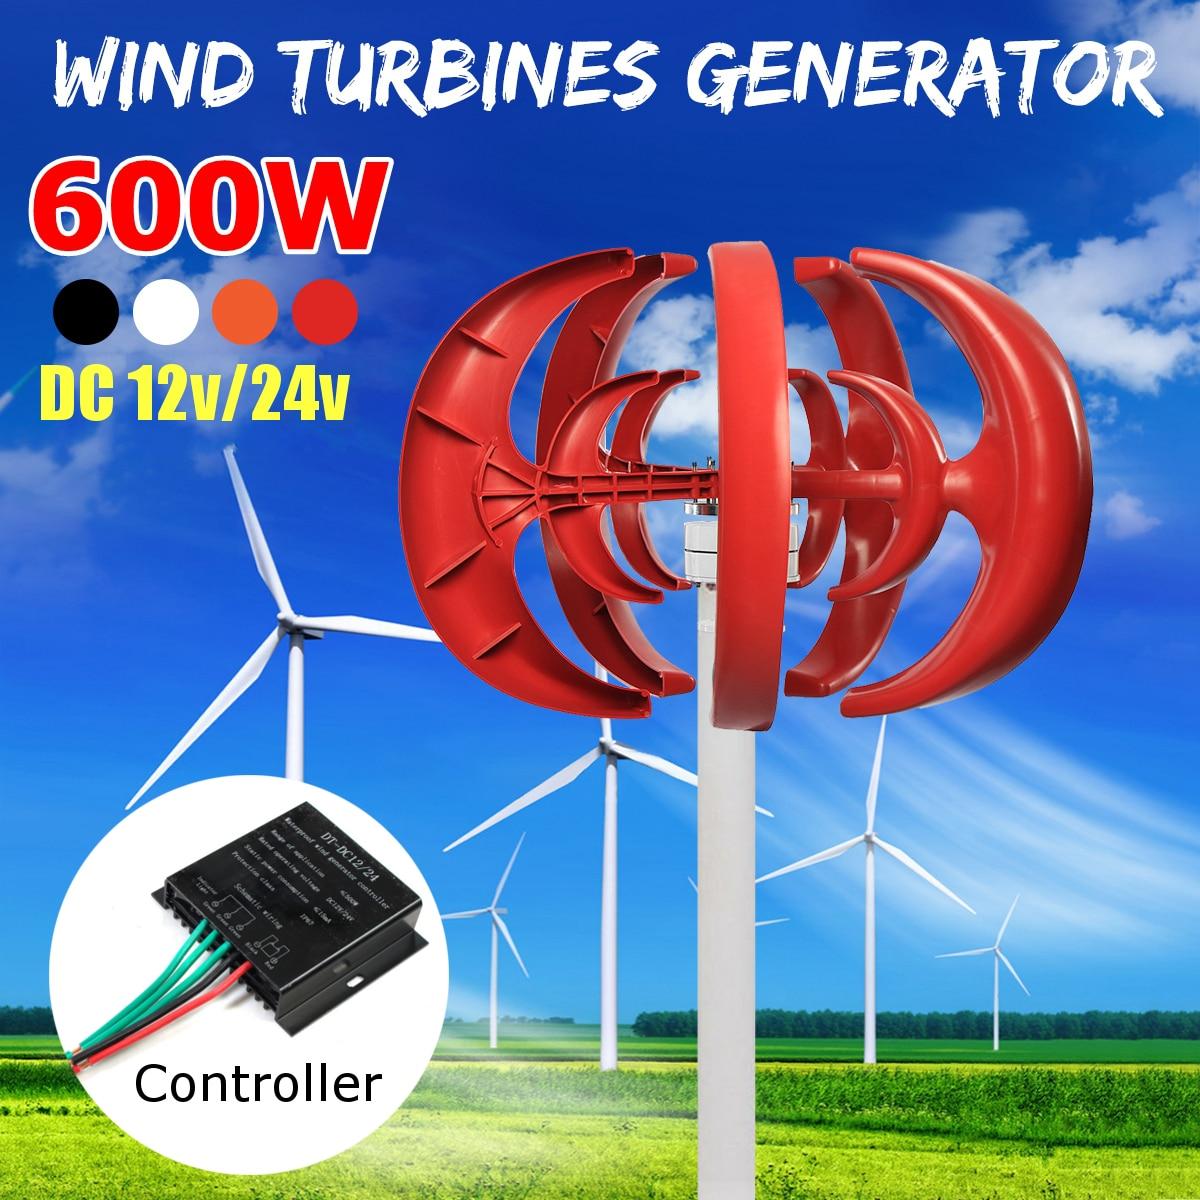 Ветер т urbine 500 Вт DC 12/24 В сочетаются с 600 Вт английский Контроллер ветрогенератора Home для дома Hybrid уличный Применение